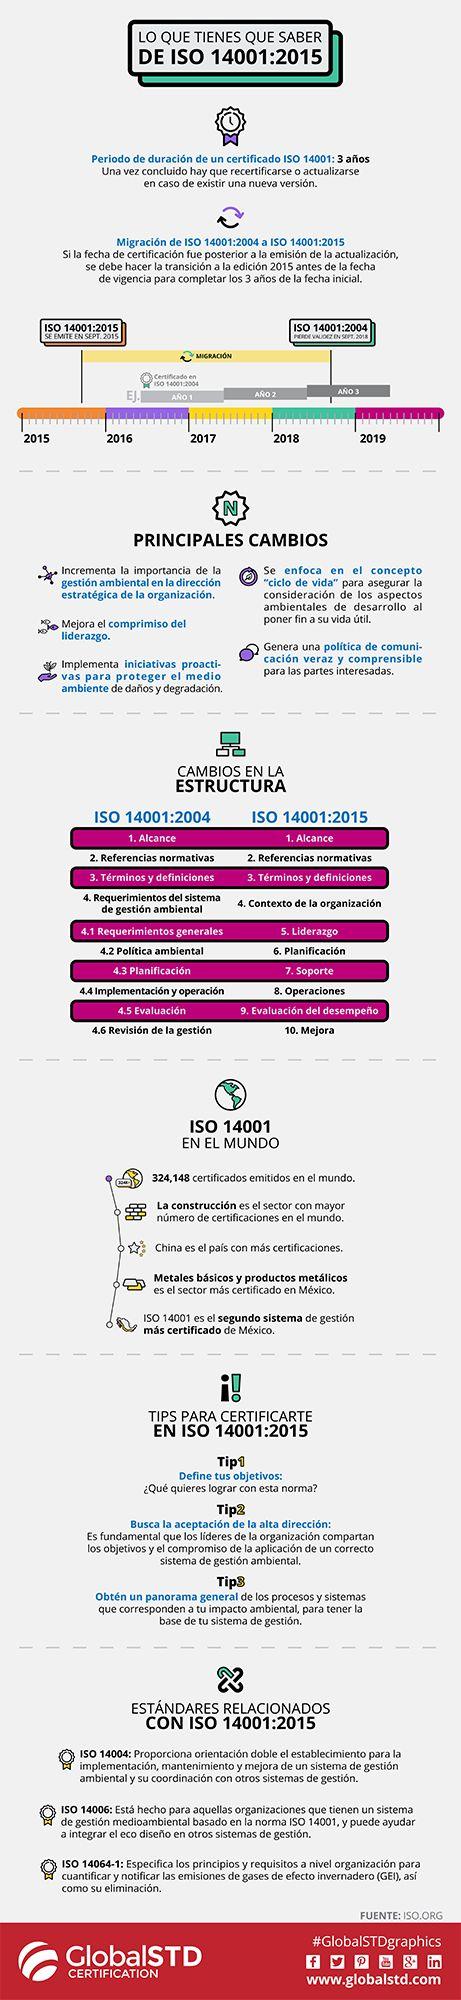 ¿Ya conoces la actualización de la norma ISO 14001:2015? #ISO14001 es un sistema de gestión ambiental que ayuda a las organizaciones a identificar, administrar y monitorear sus cuestiones ambientales de manera integral. Conoce las novedades de la versión 2015: